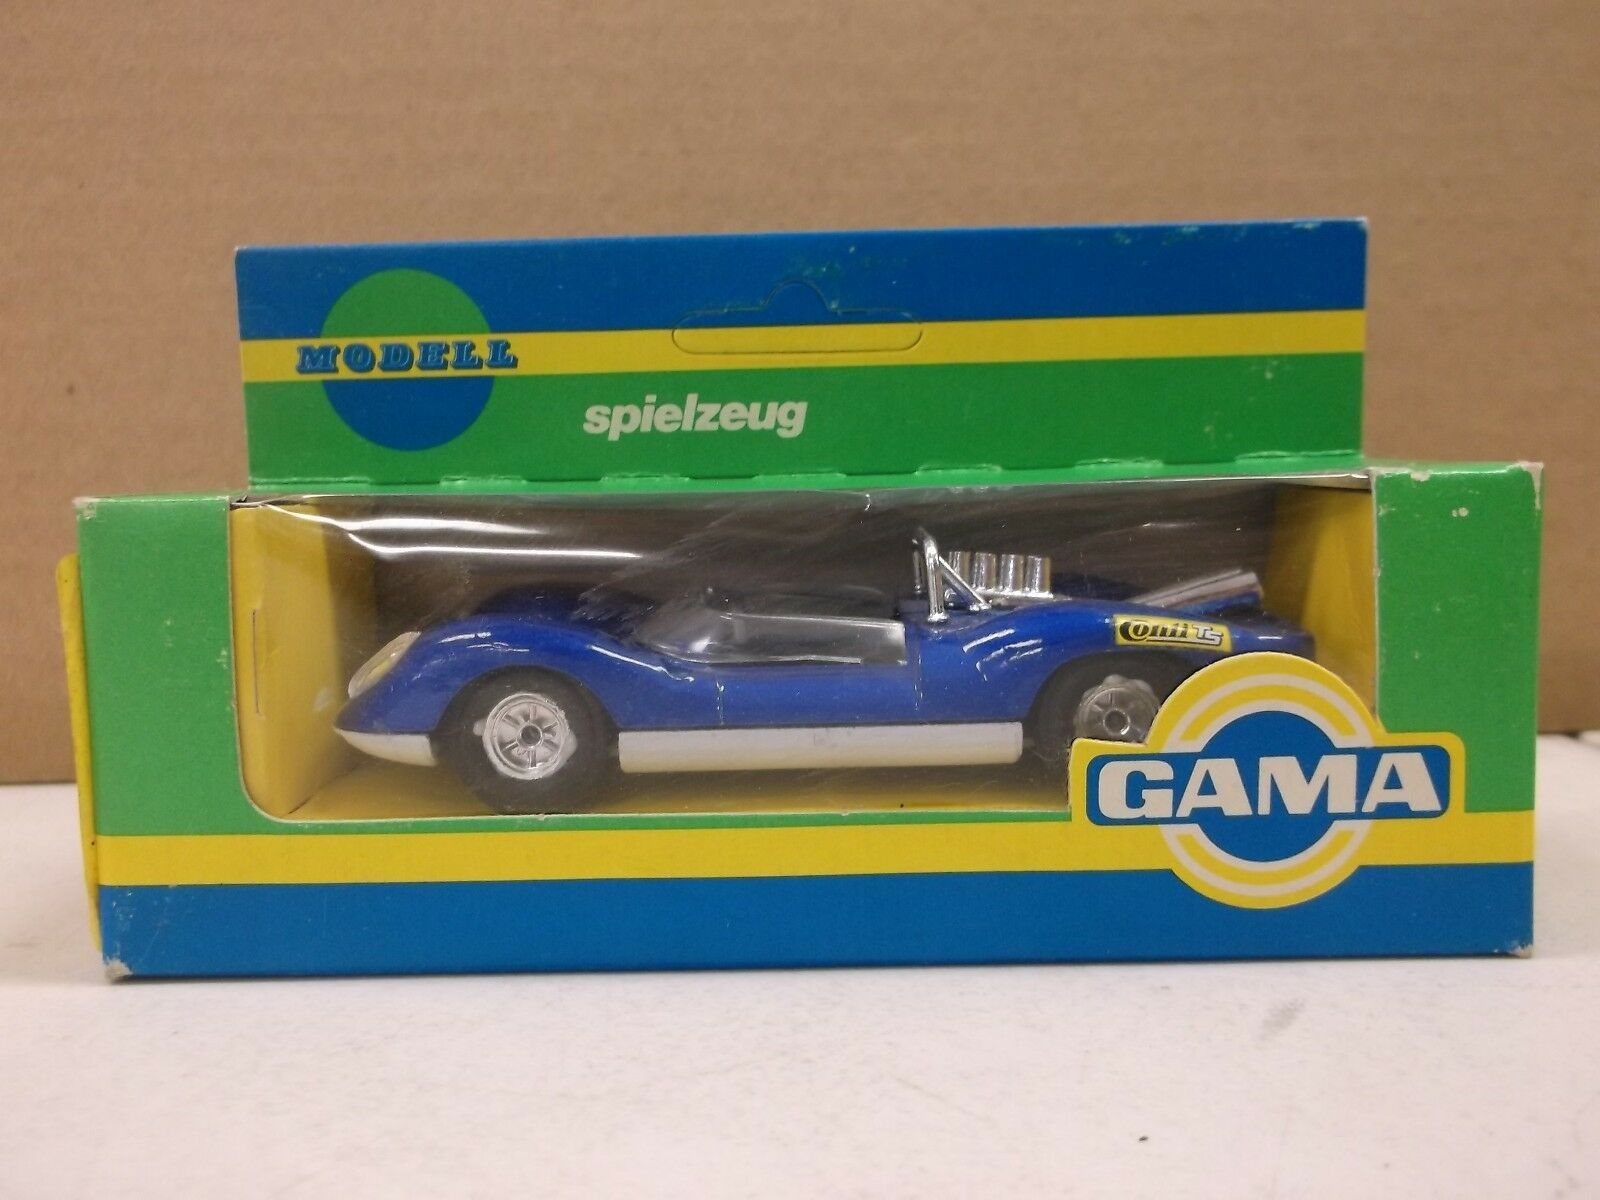 Gama   9603 1 43 skala   2 ford gt 40 in blau